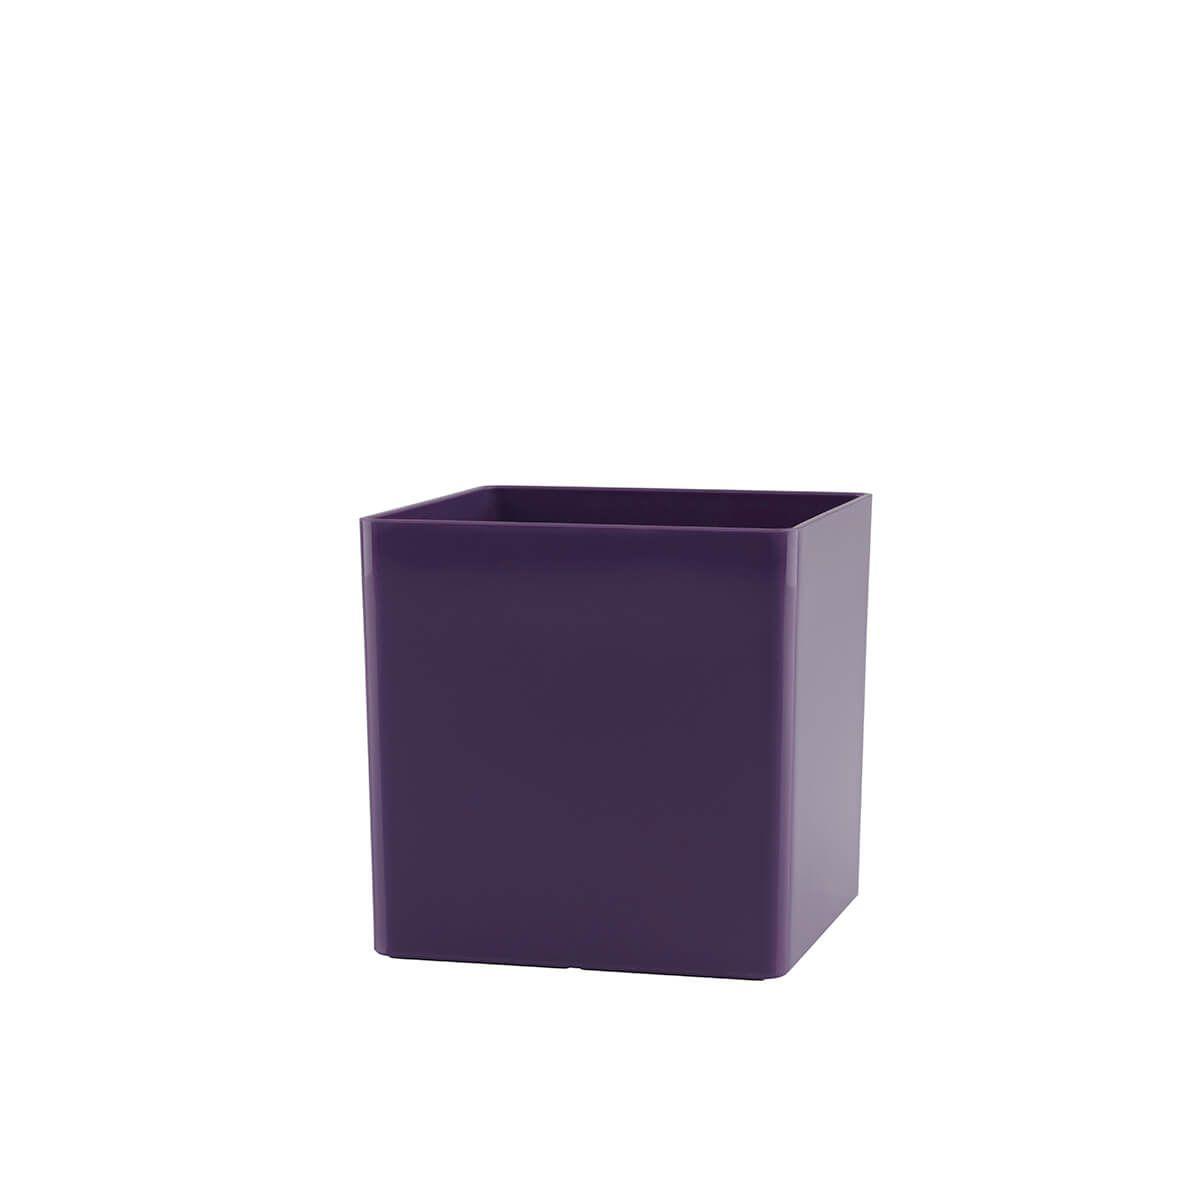 Vaso Cubo 10 x 10 cm Roxo Vasart